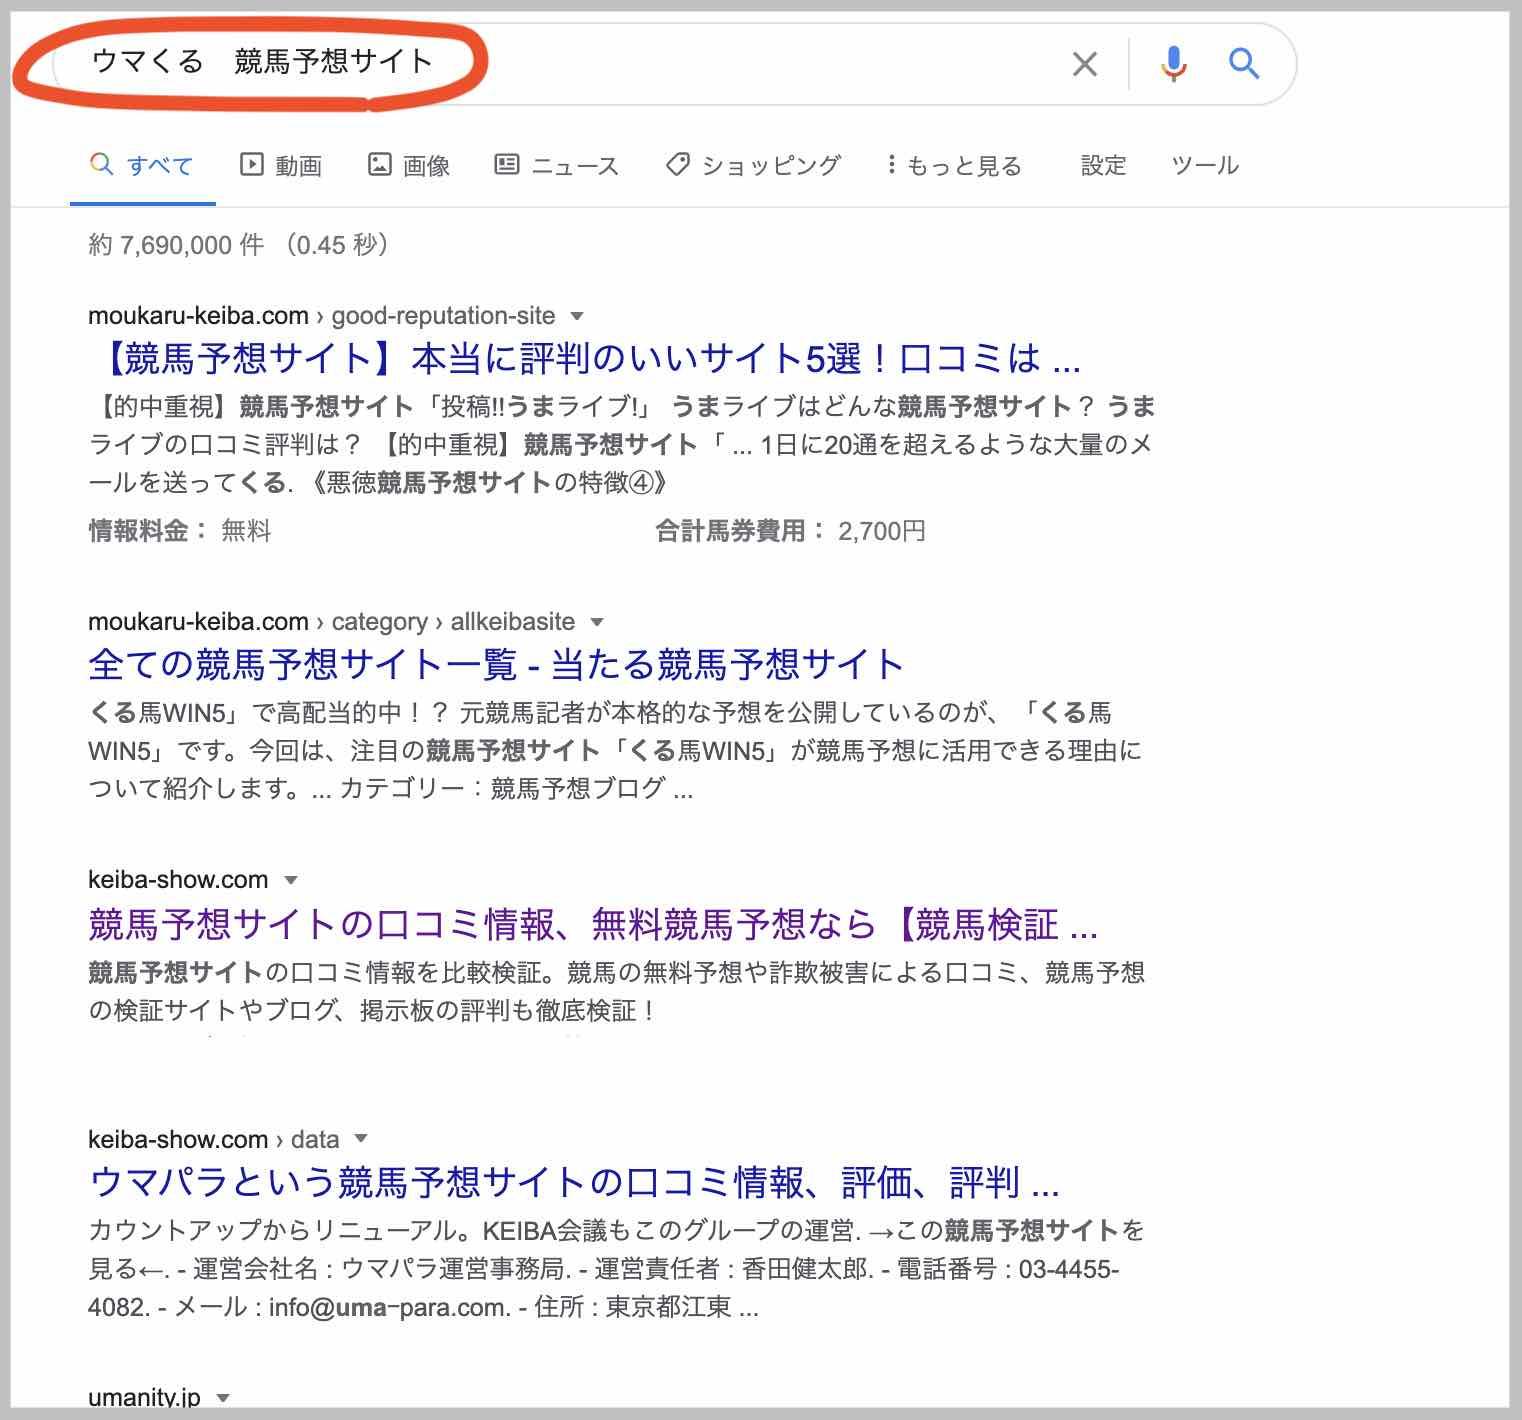 ウマくる(馬くる)という競馬予想サイトの情報検索